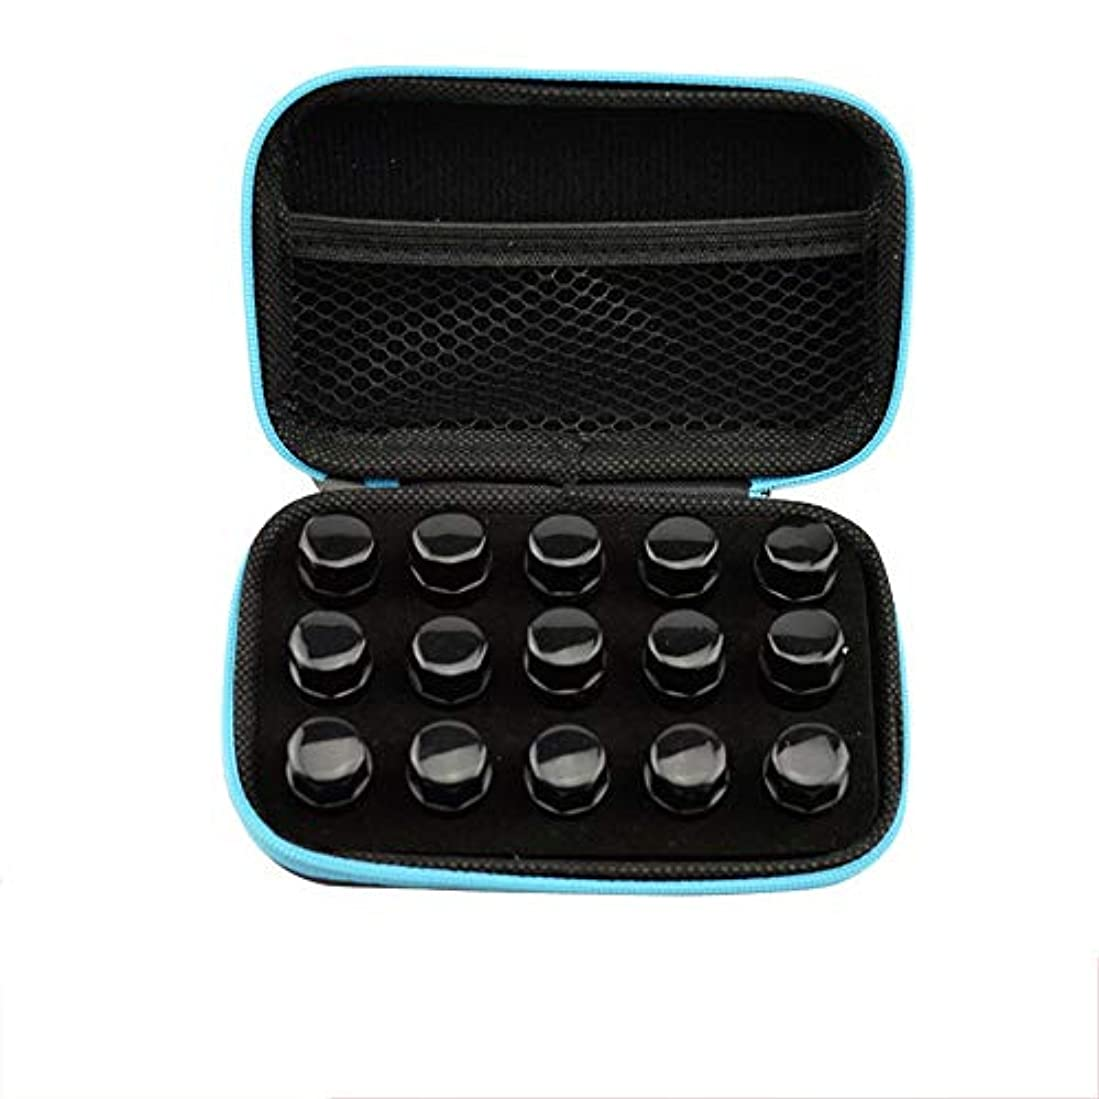 スワップアッティカス現実的エッセンシャルオイル収納ボックス 顔のハードシェルの外部ストレージ統合袋の上に精油ロール十分な量の15スロット、ミニローラーボトルケースレザーケース完璧なパッケージ 丈夫で持ち運びが簡単 (色 : ブラック, サイズ :...